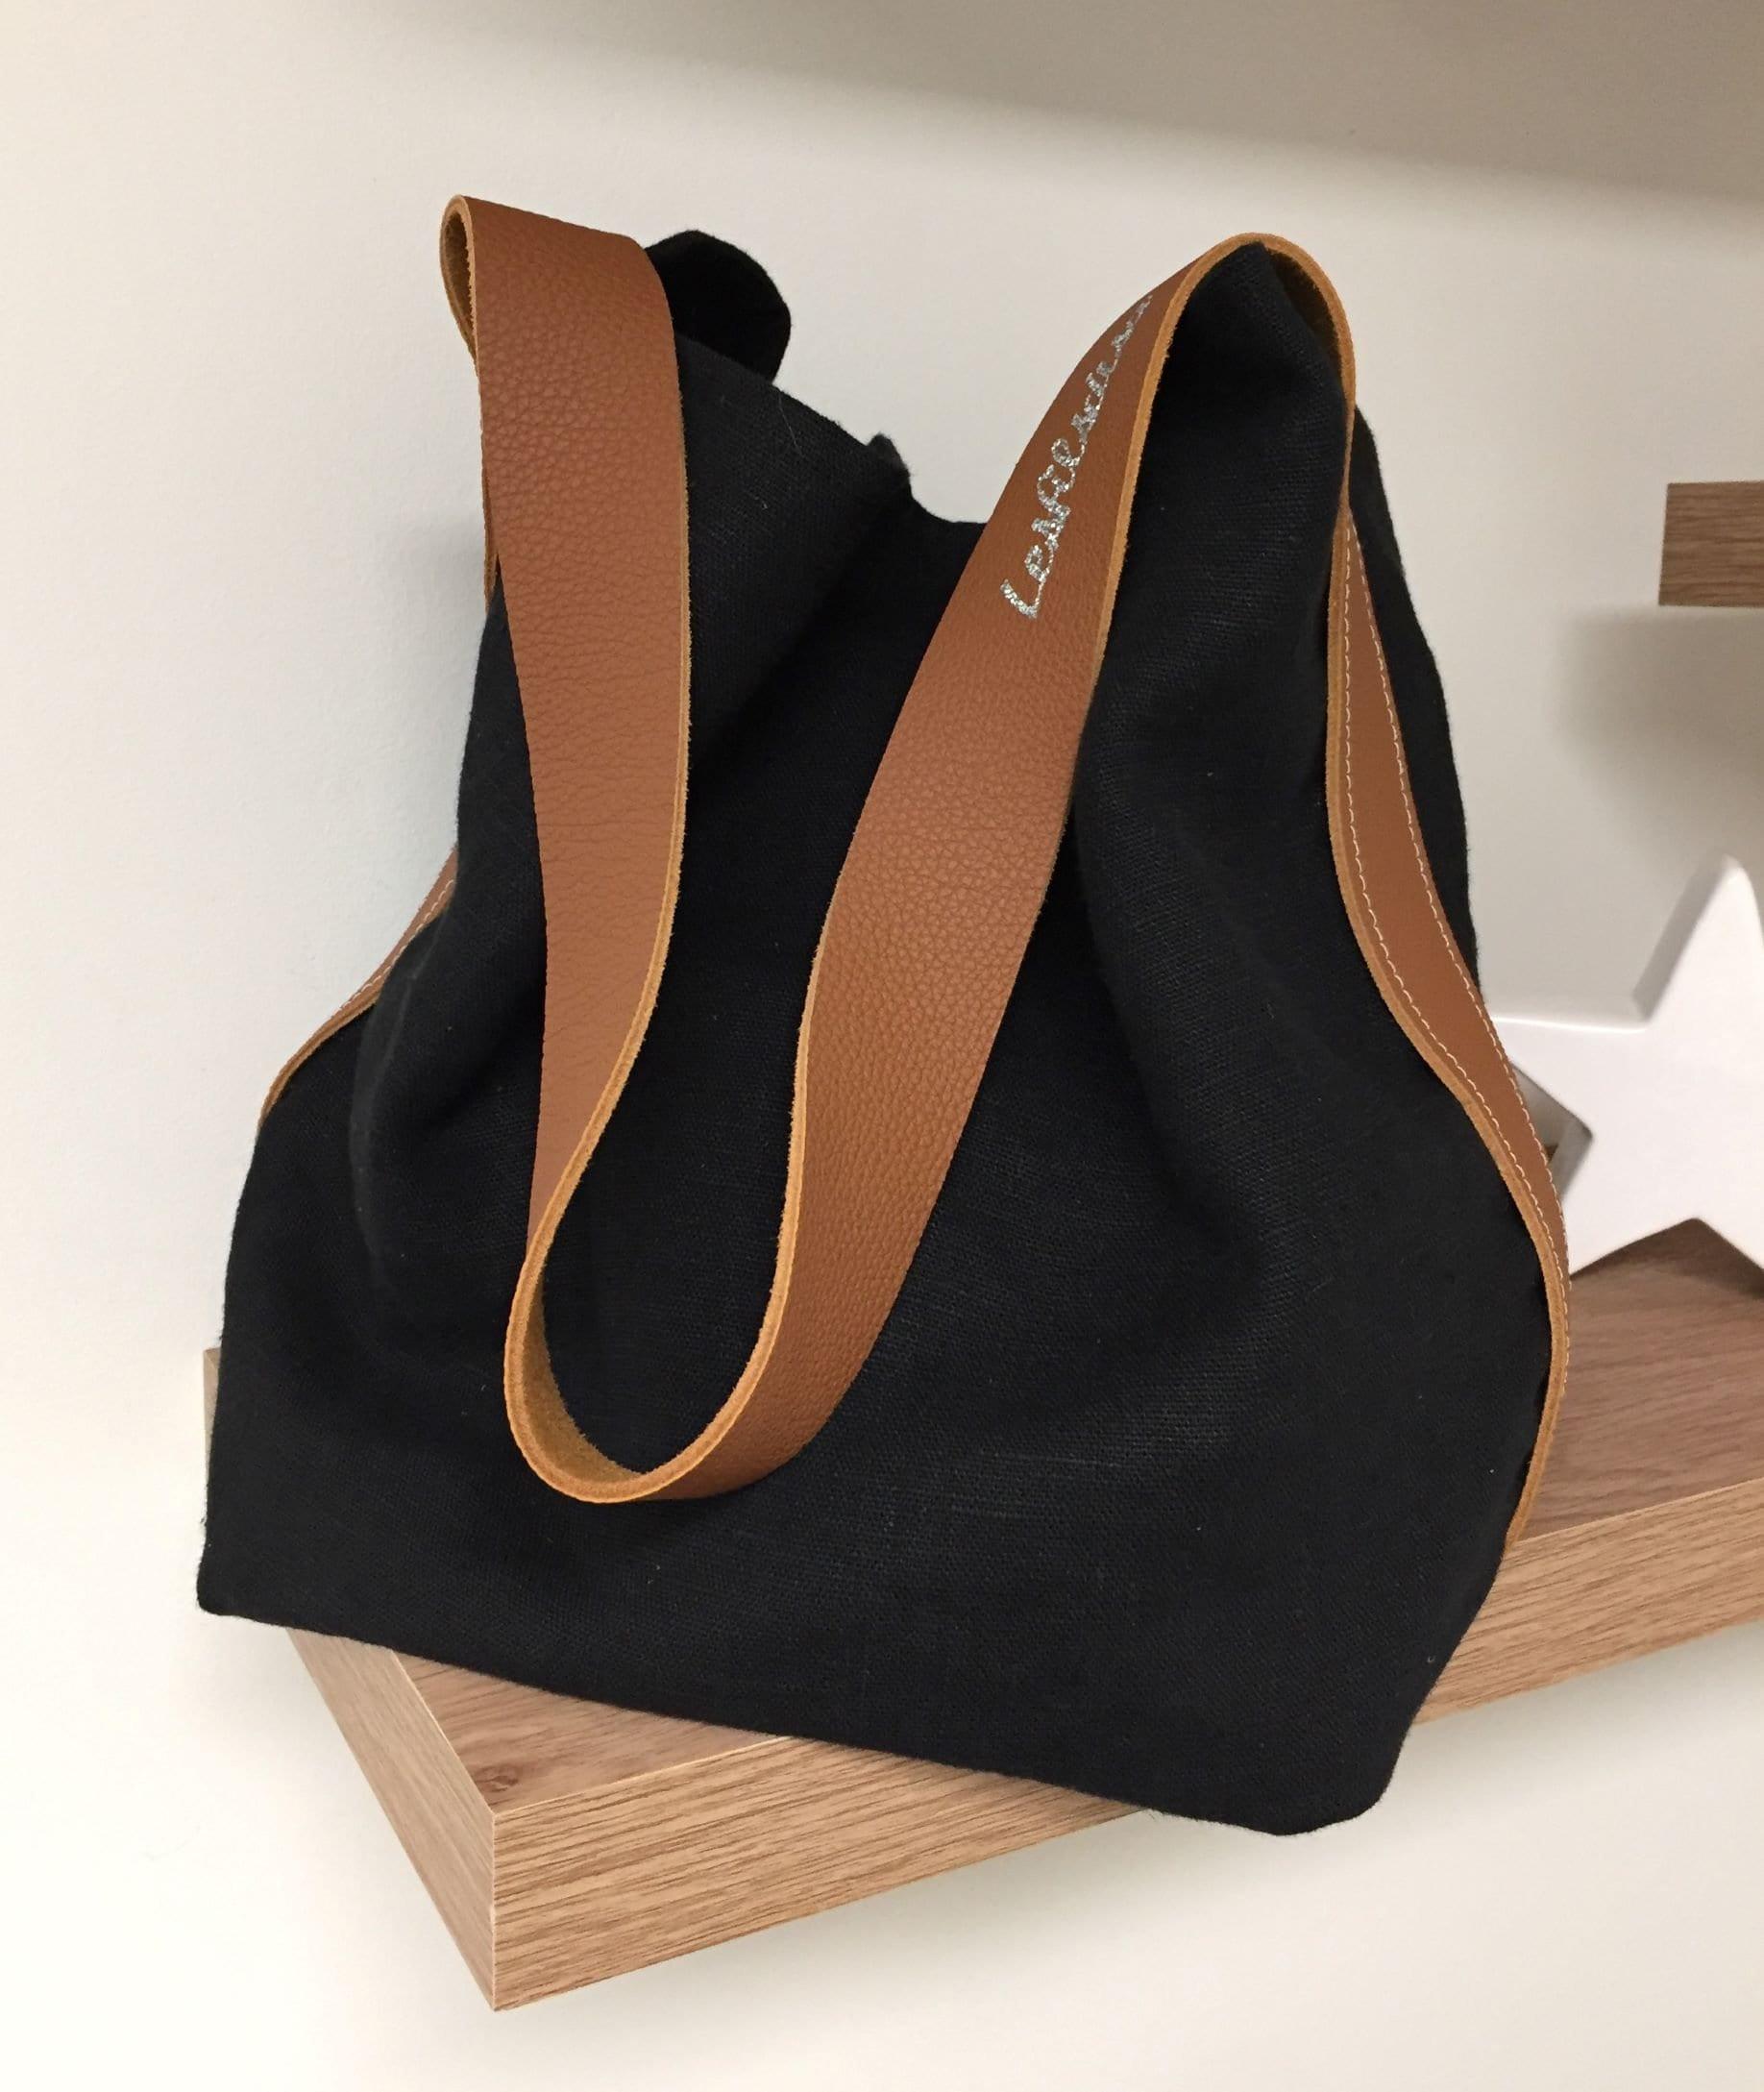 daa08be012 Sac seau lin et cuir, anse unique / Cabas lin lavé noir, anse cuir fauve /  Sac style sportswear chic decontracté / Sac fourre tout pur lin